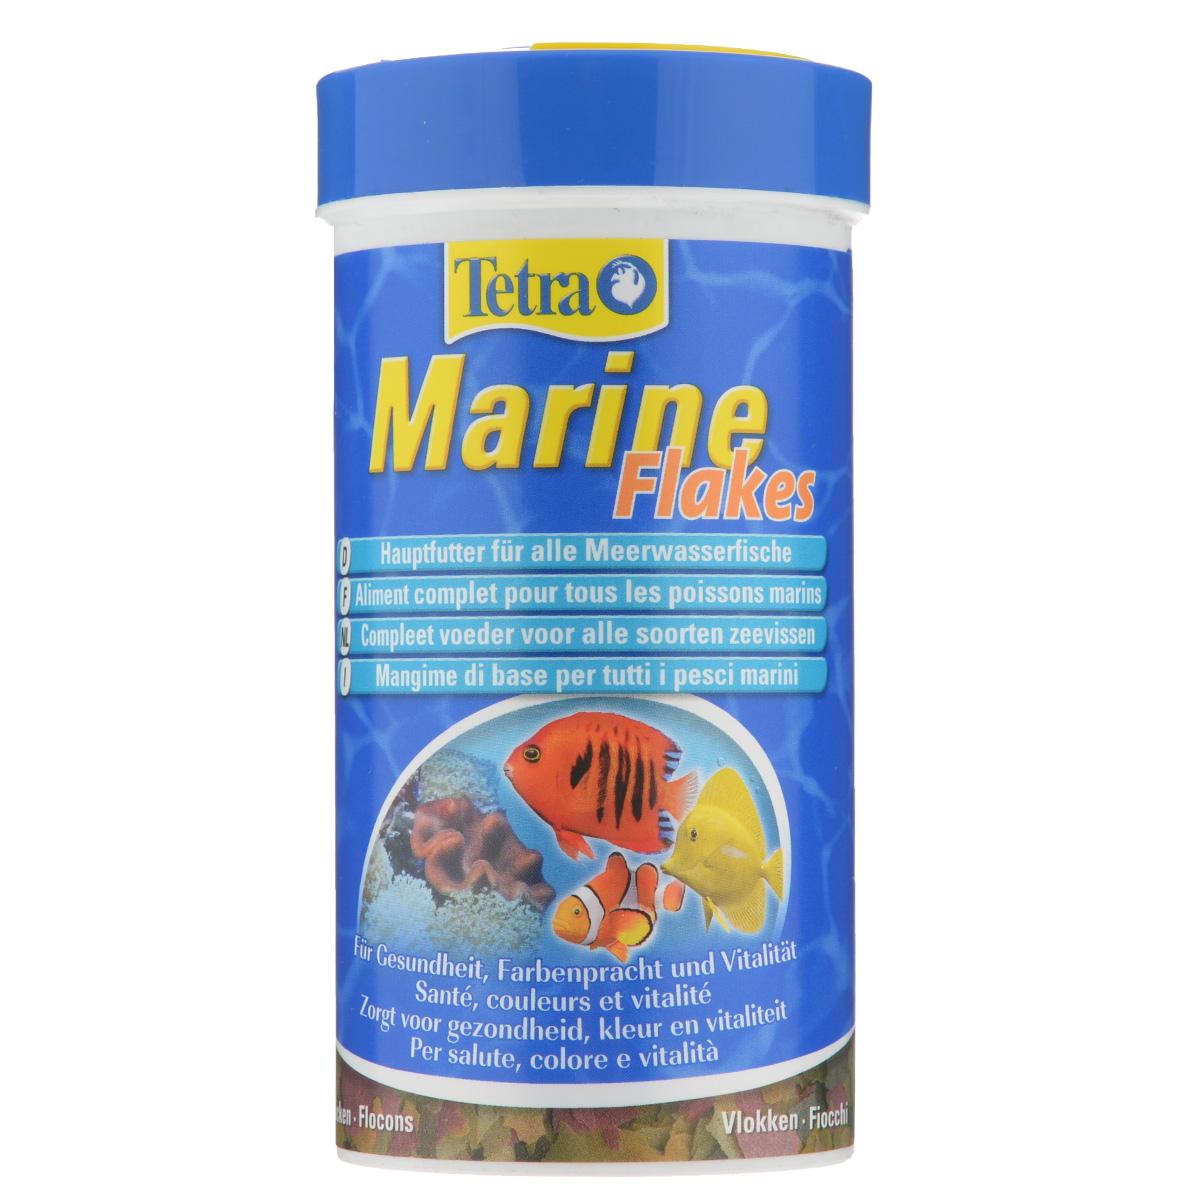 Корм Tetra Marine Flakes для любых морских рыб, в виде в хлопьев, 250 мл корм tetra tetramin xl flakes complete food for larger tropical fish крупные хлопья для больших тропических рыб 10л 769946